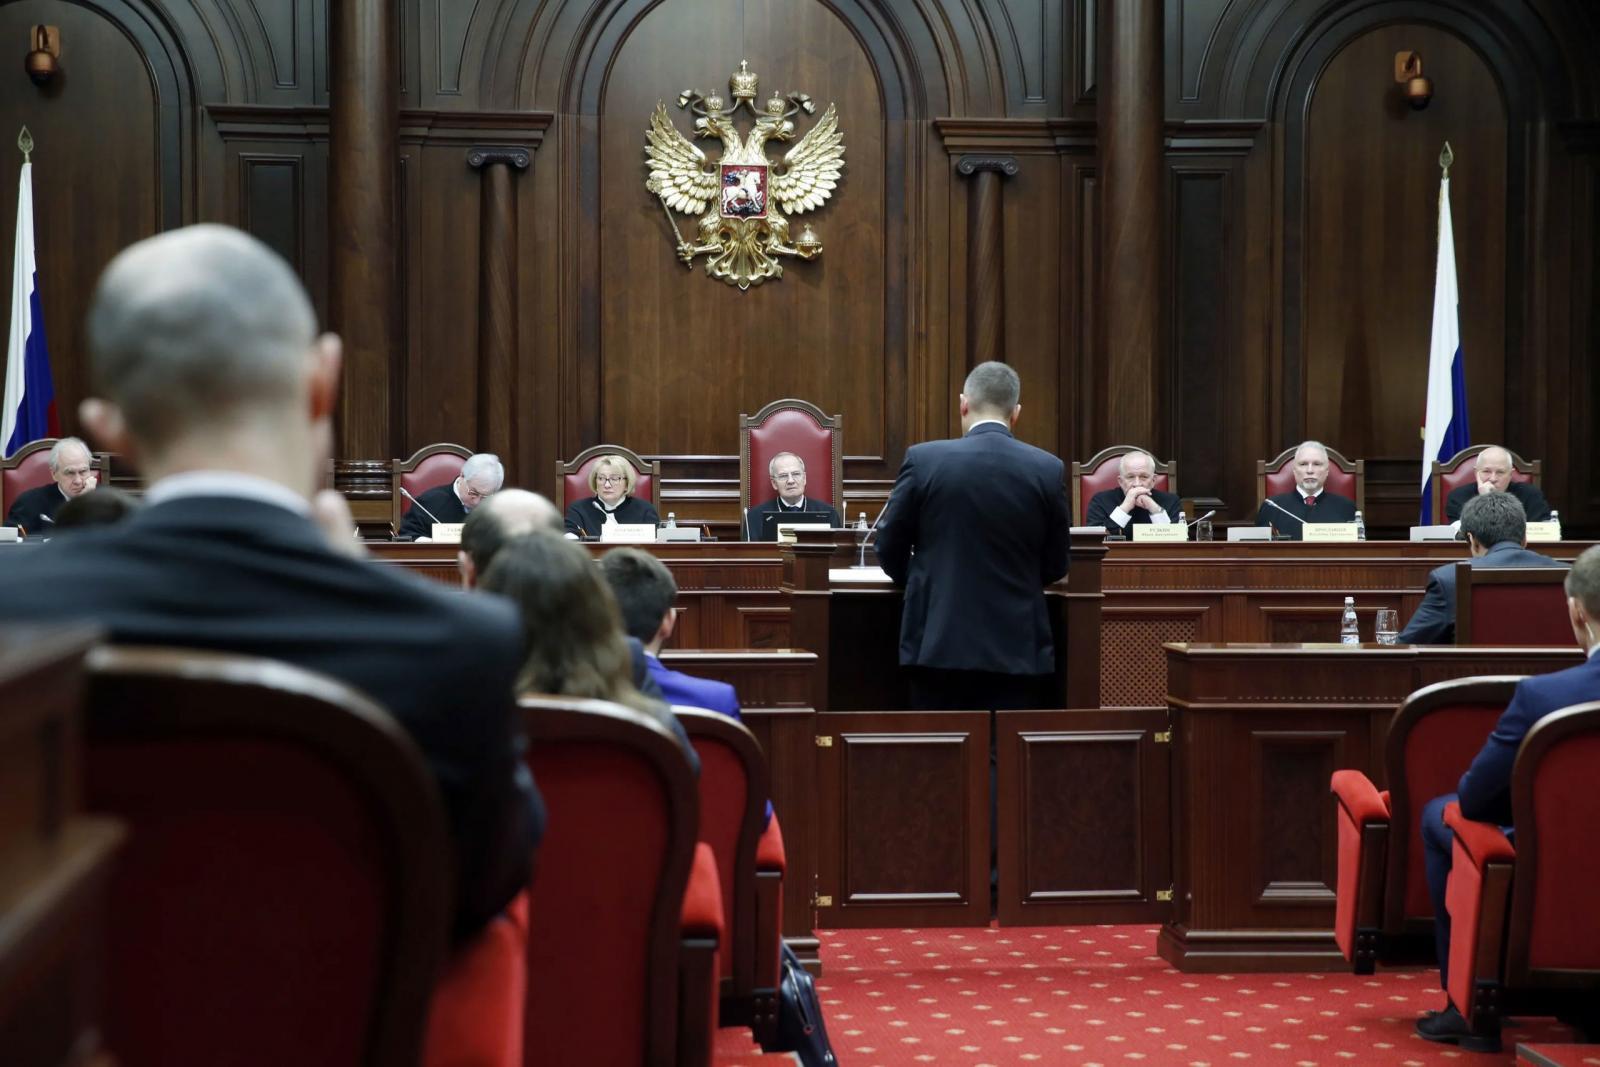 За хищение 1 млн рублей в Брянске осудили двух коммунальщиков Минобороны